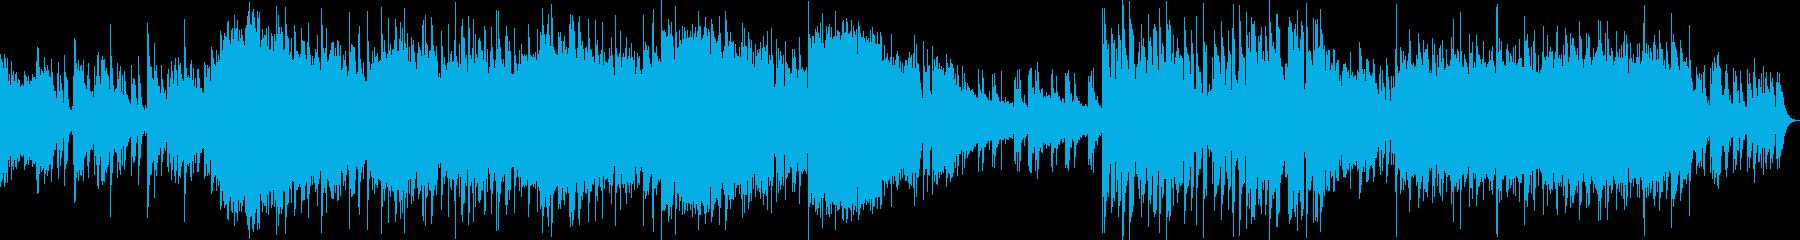 ドシっとしたダークでヘヴィなメタル交響曲の再生済みの波形